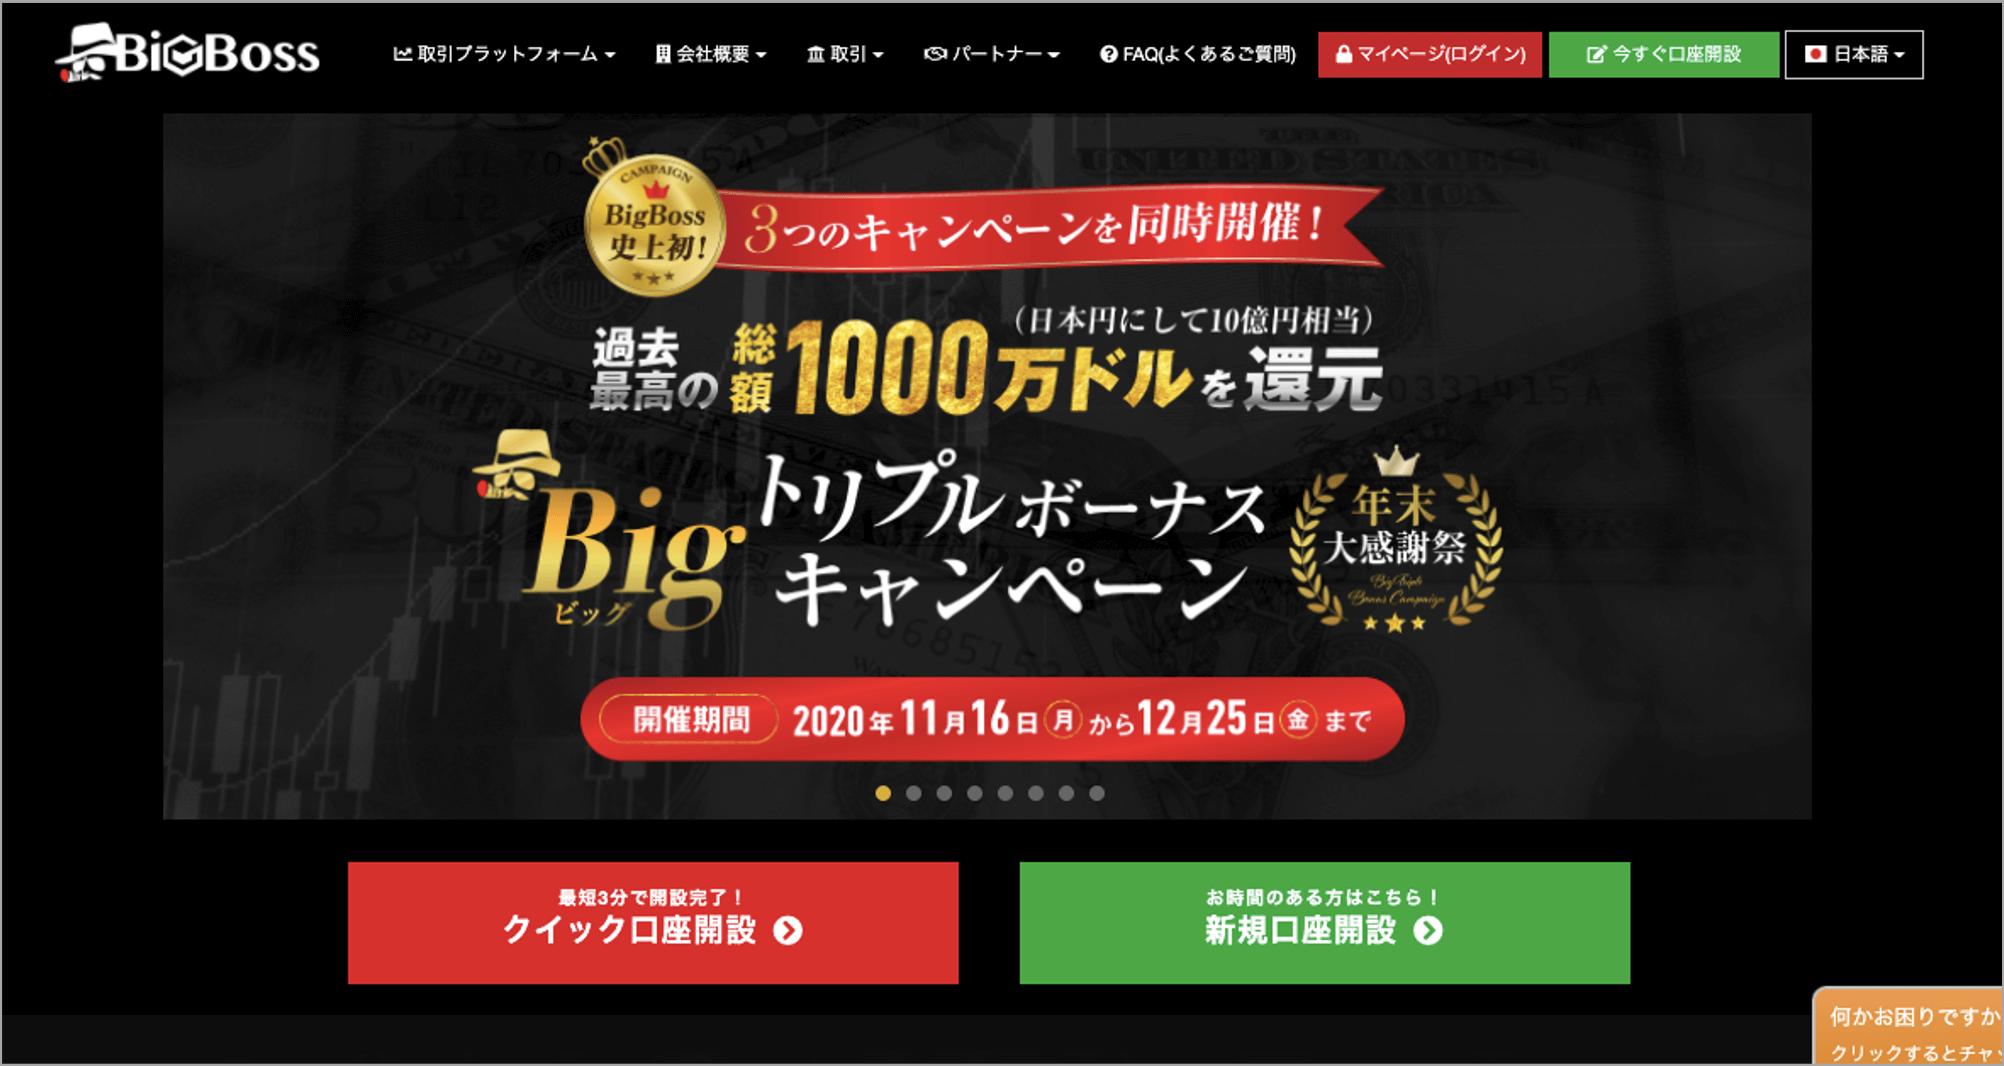 BigBoss 公式サイト画像